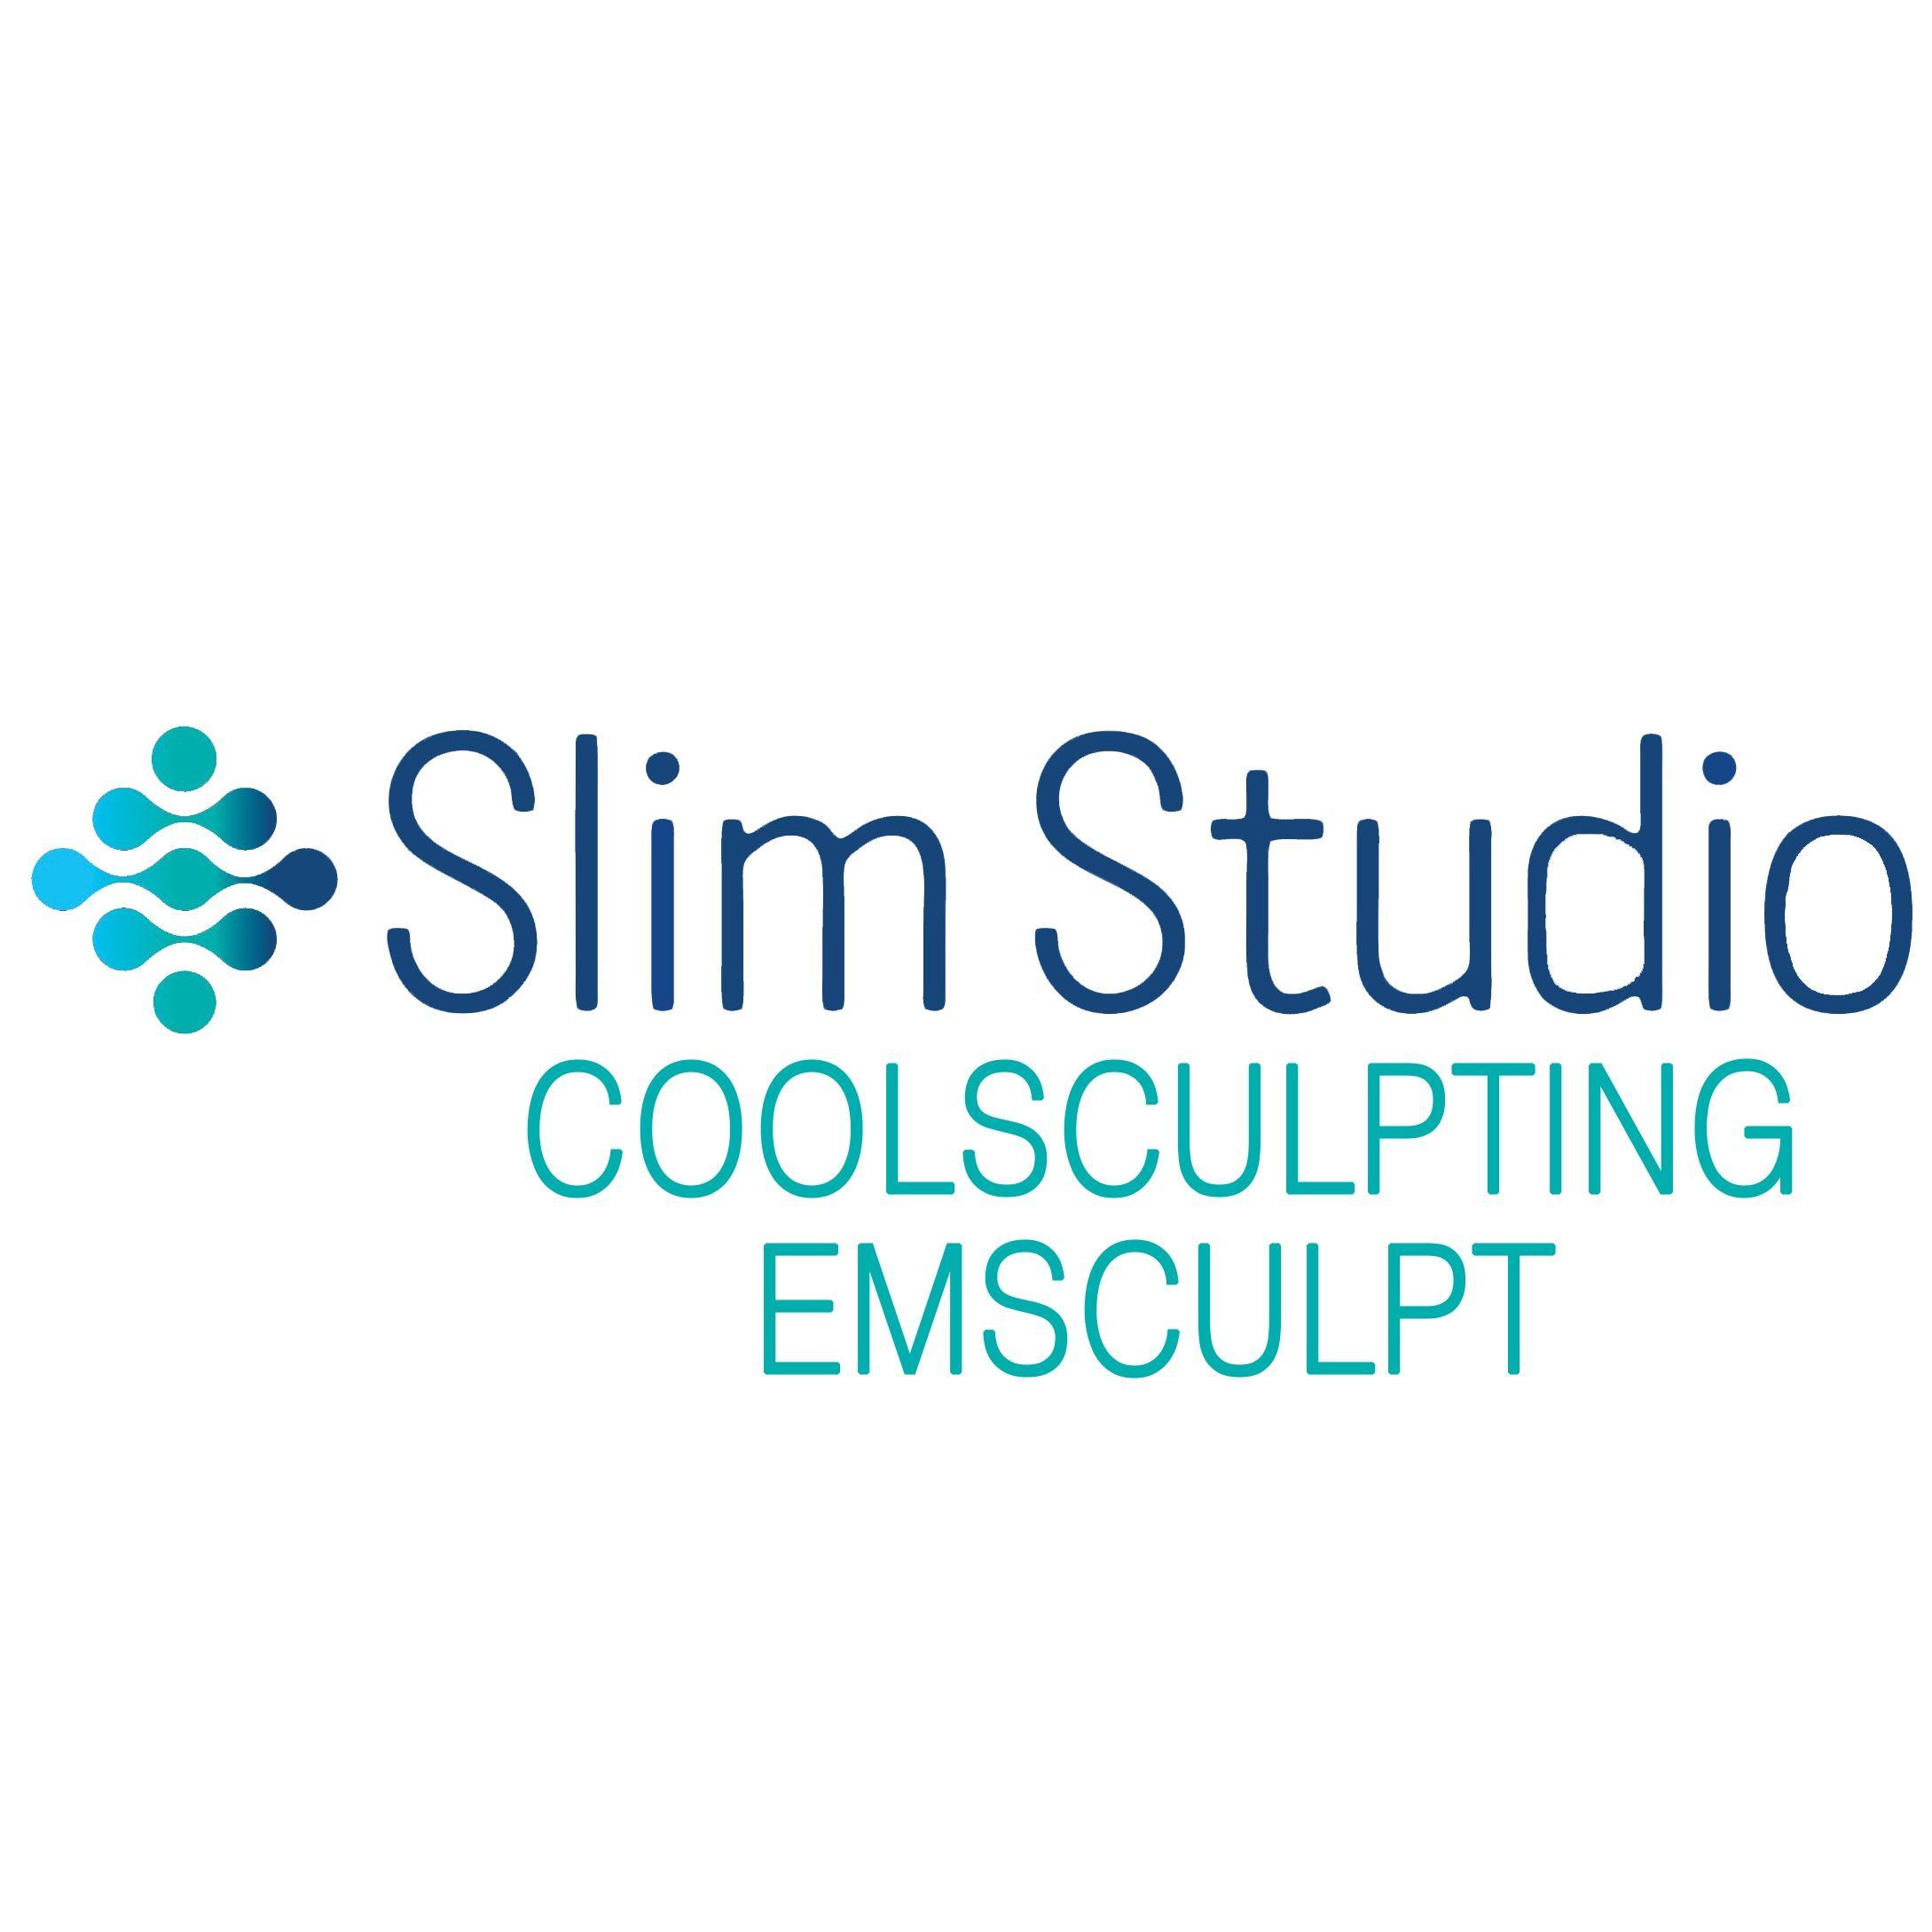 Slim Studio EMSCULPT & Coolsculpting